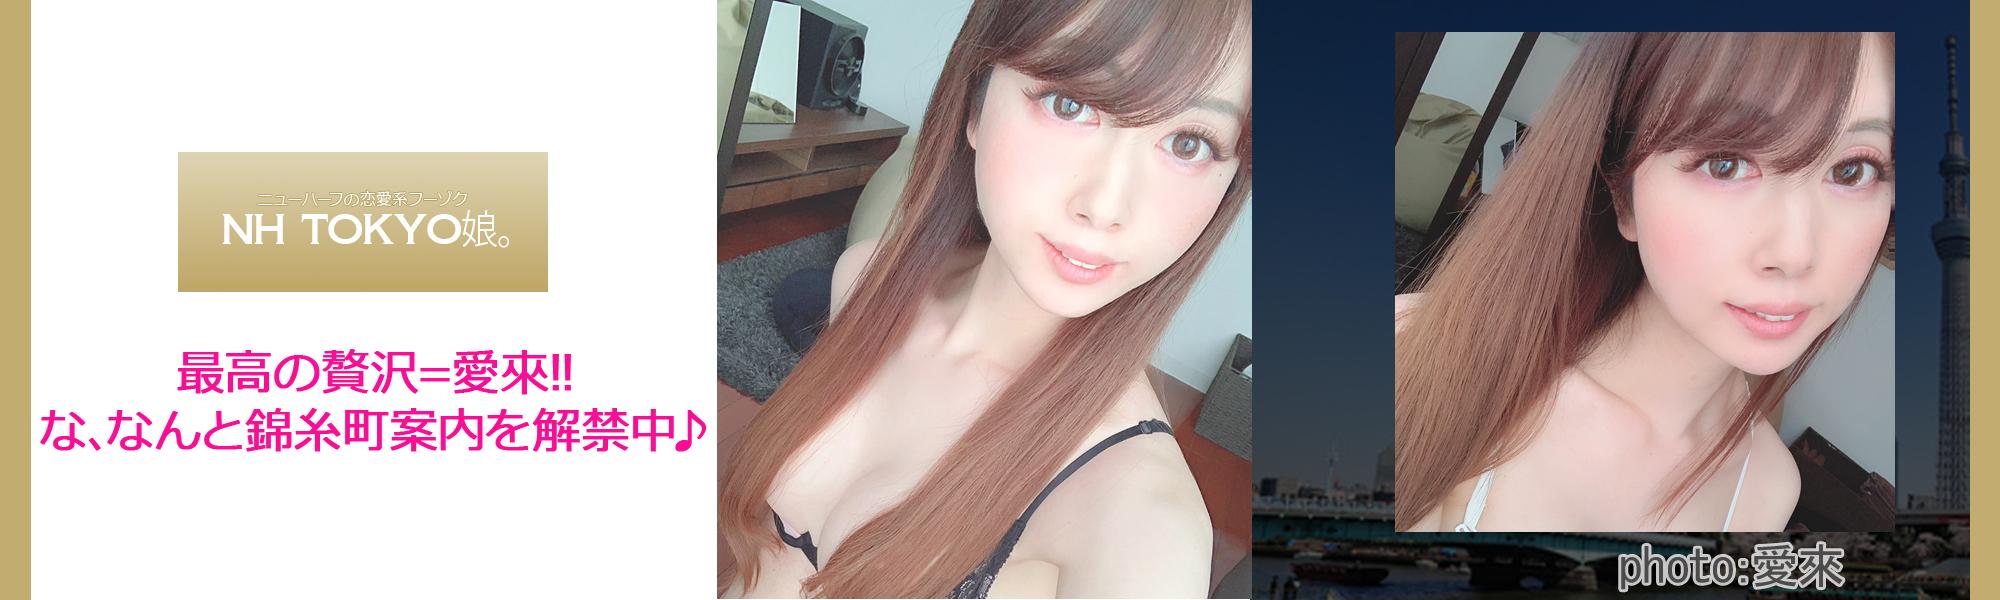 錦糸町ホテヘル ニューハーフのNH TOKYO娘。20年06月_愛來